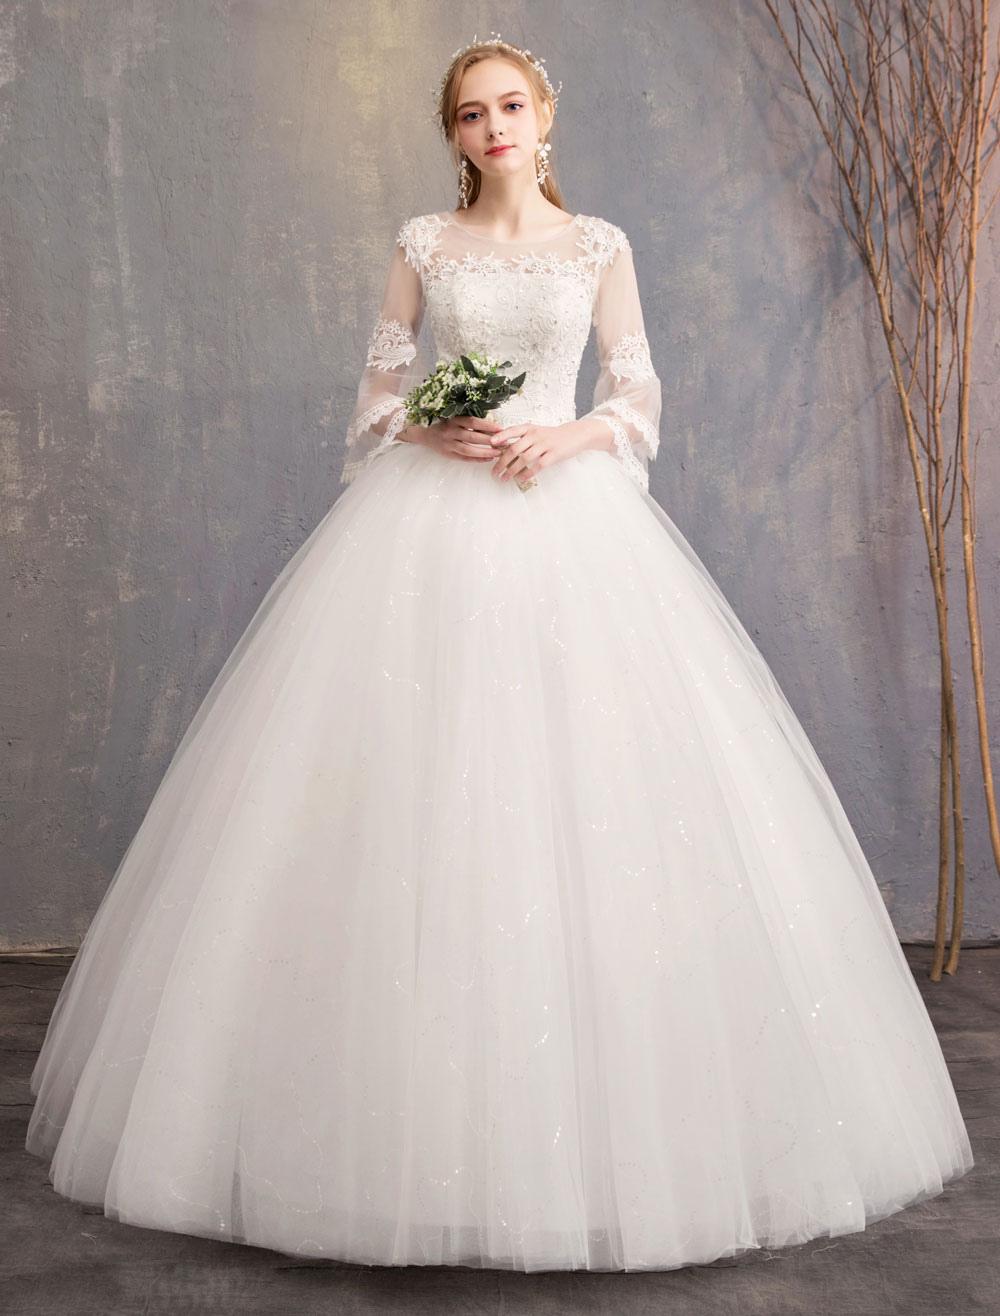 5276d05f69c8b0 ... Vestido de baile Vestidos de casamento Tulle Jewel 3/4 Comprimento  Manga Até o Chão ...